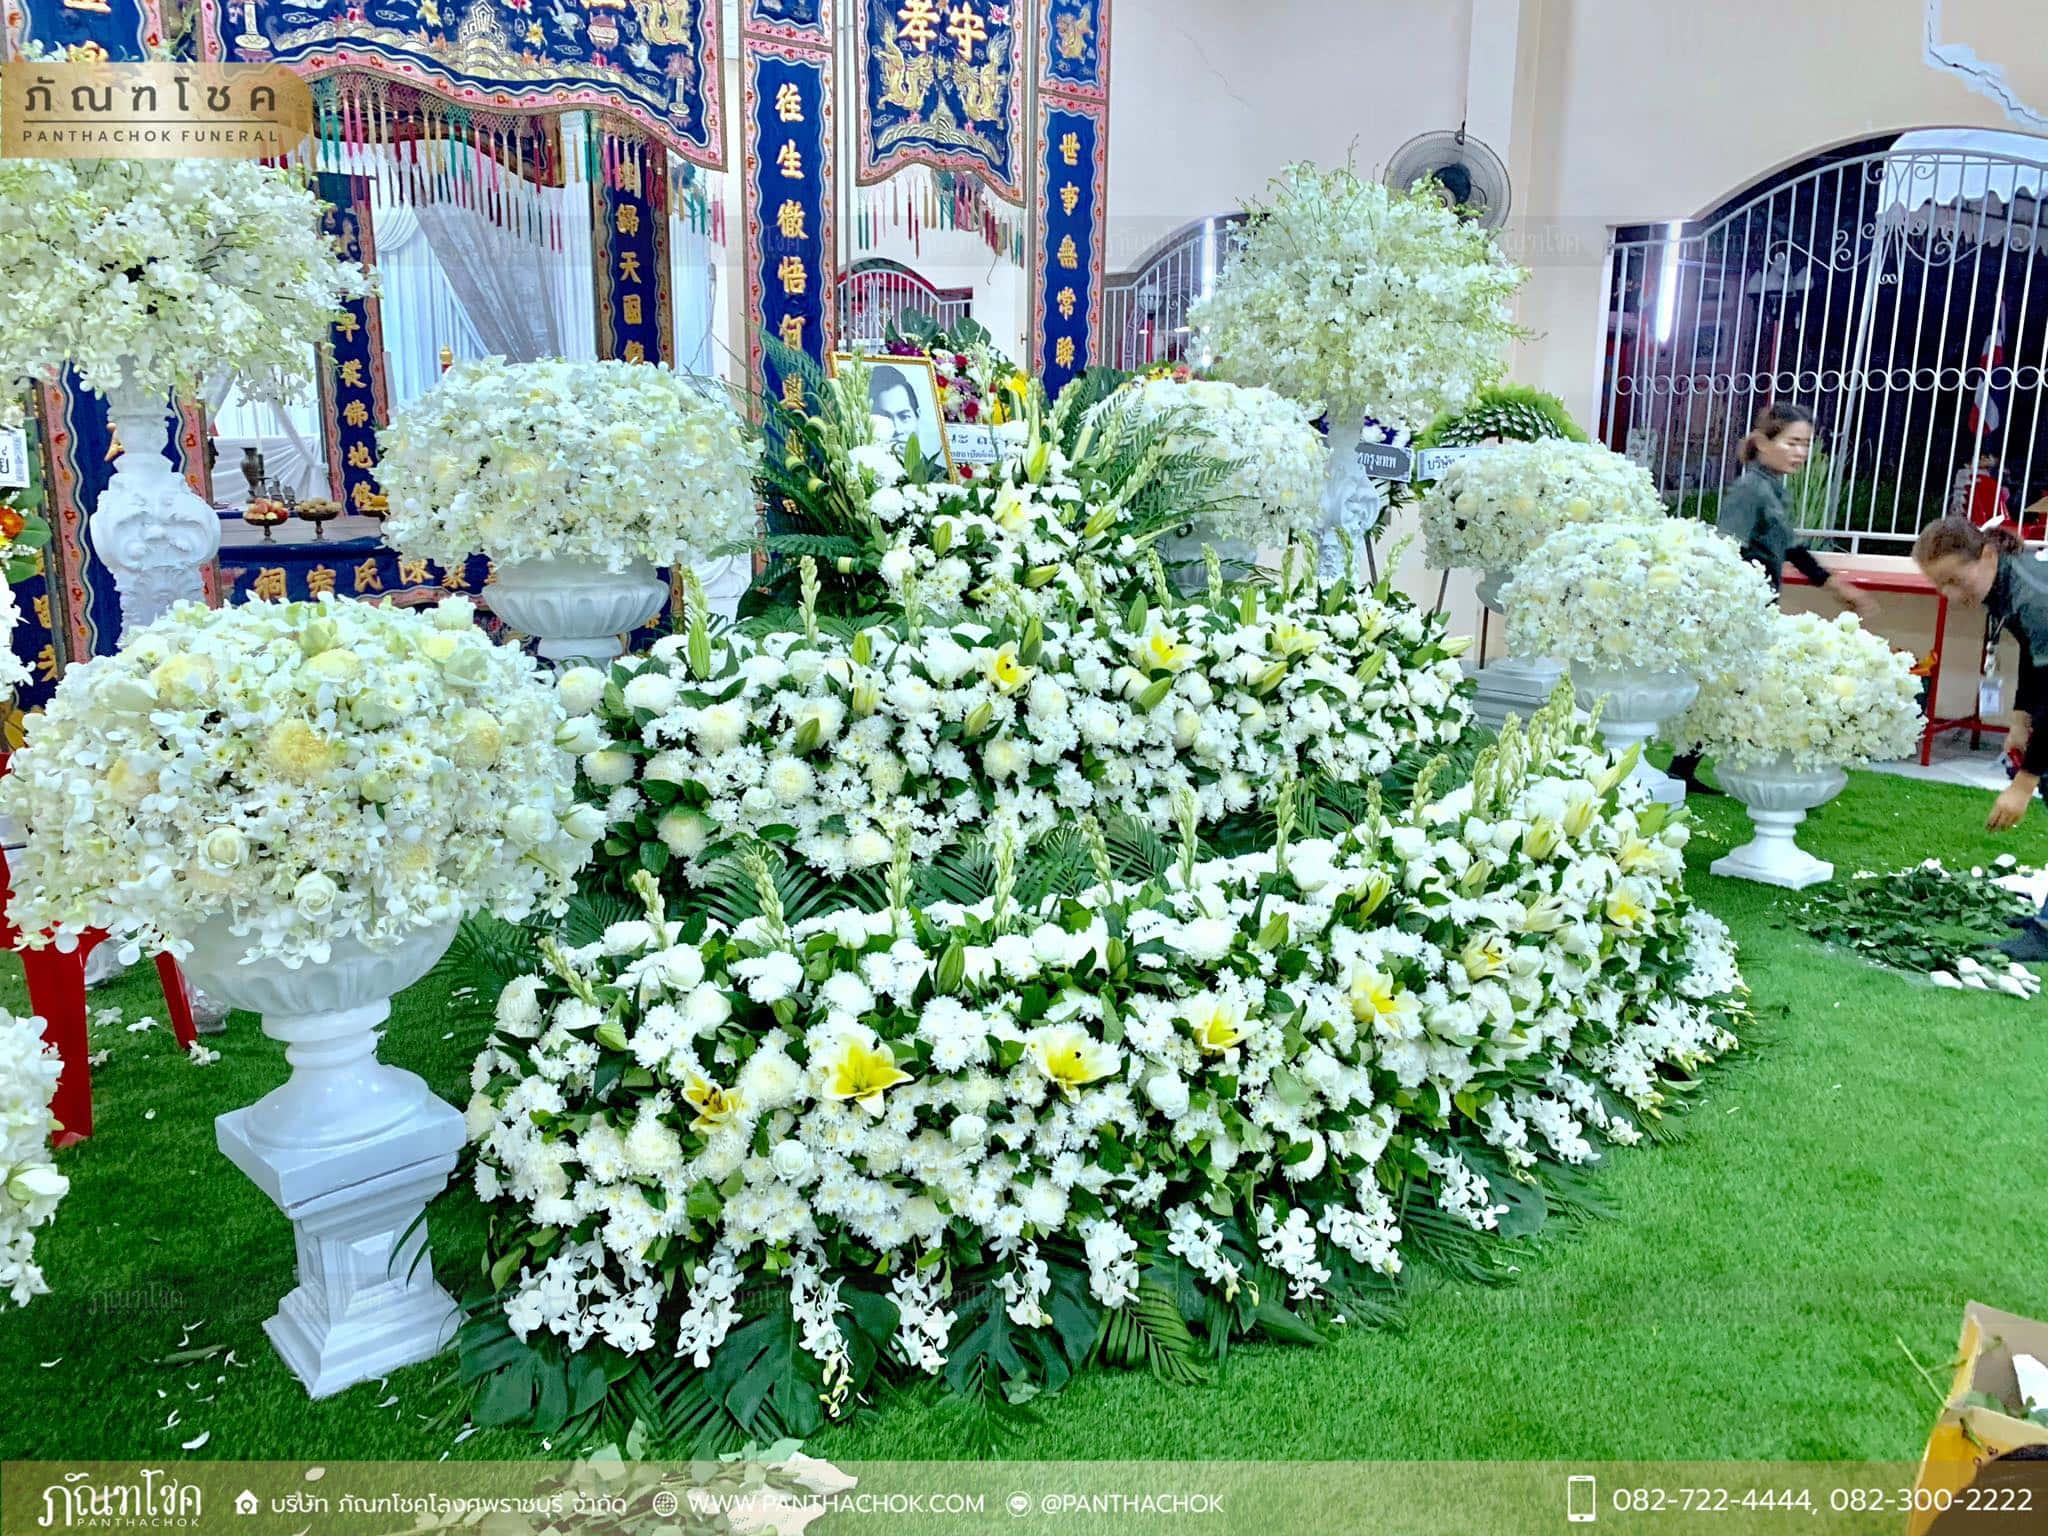 ผลงานจัดดอกไม้ ณ มูลนิธิแพร่ศีลธรรมการกุศลสงเคราะห์ 3